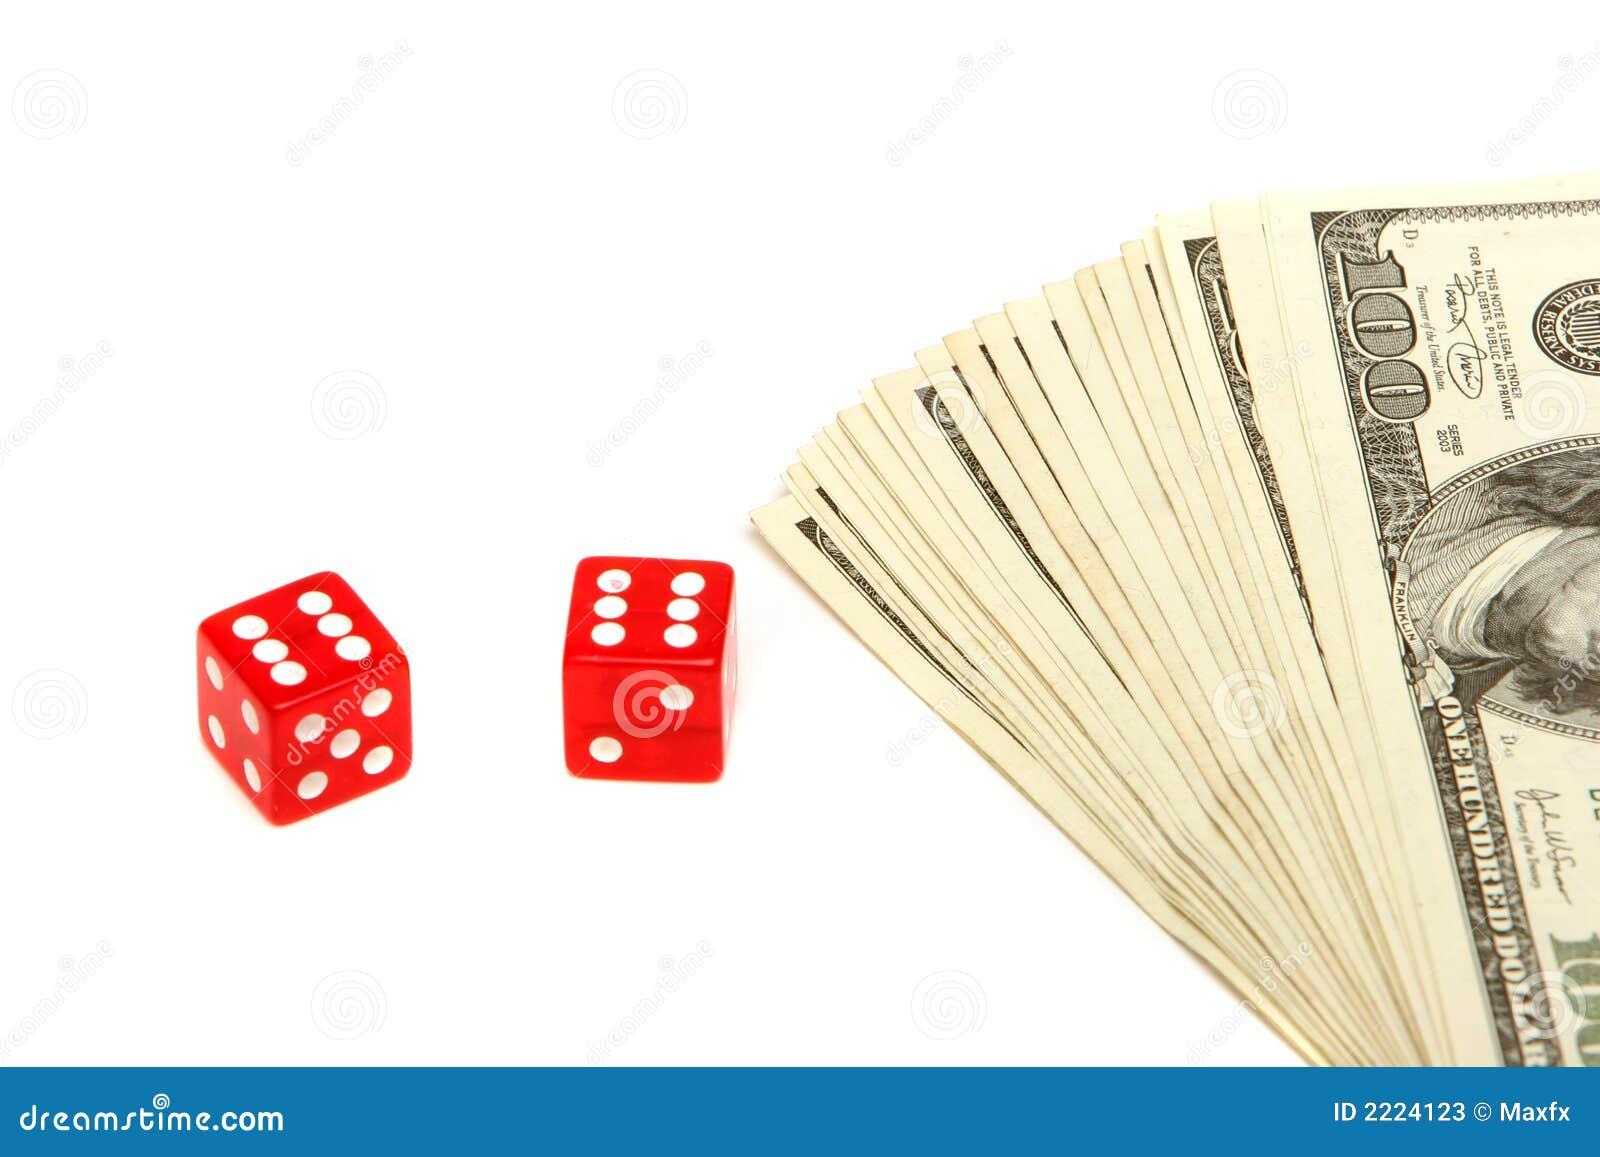 Азартные игры на деньги, правила онлайн казино 3tyza.biz